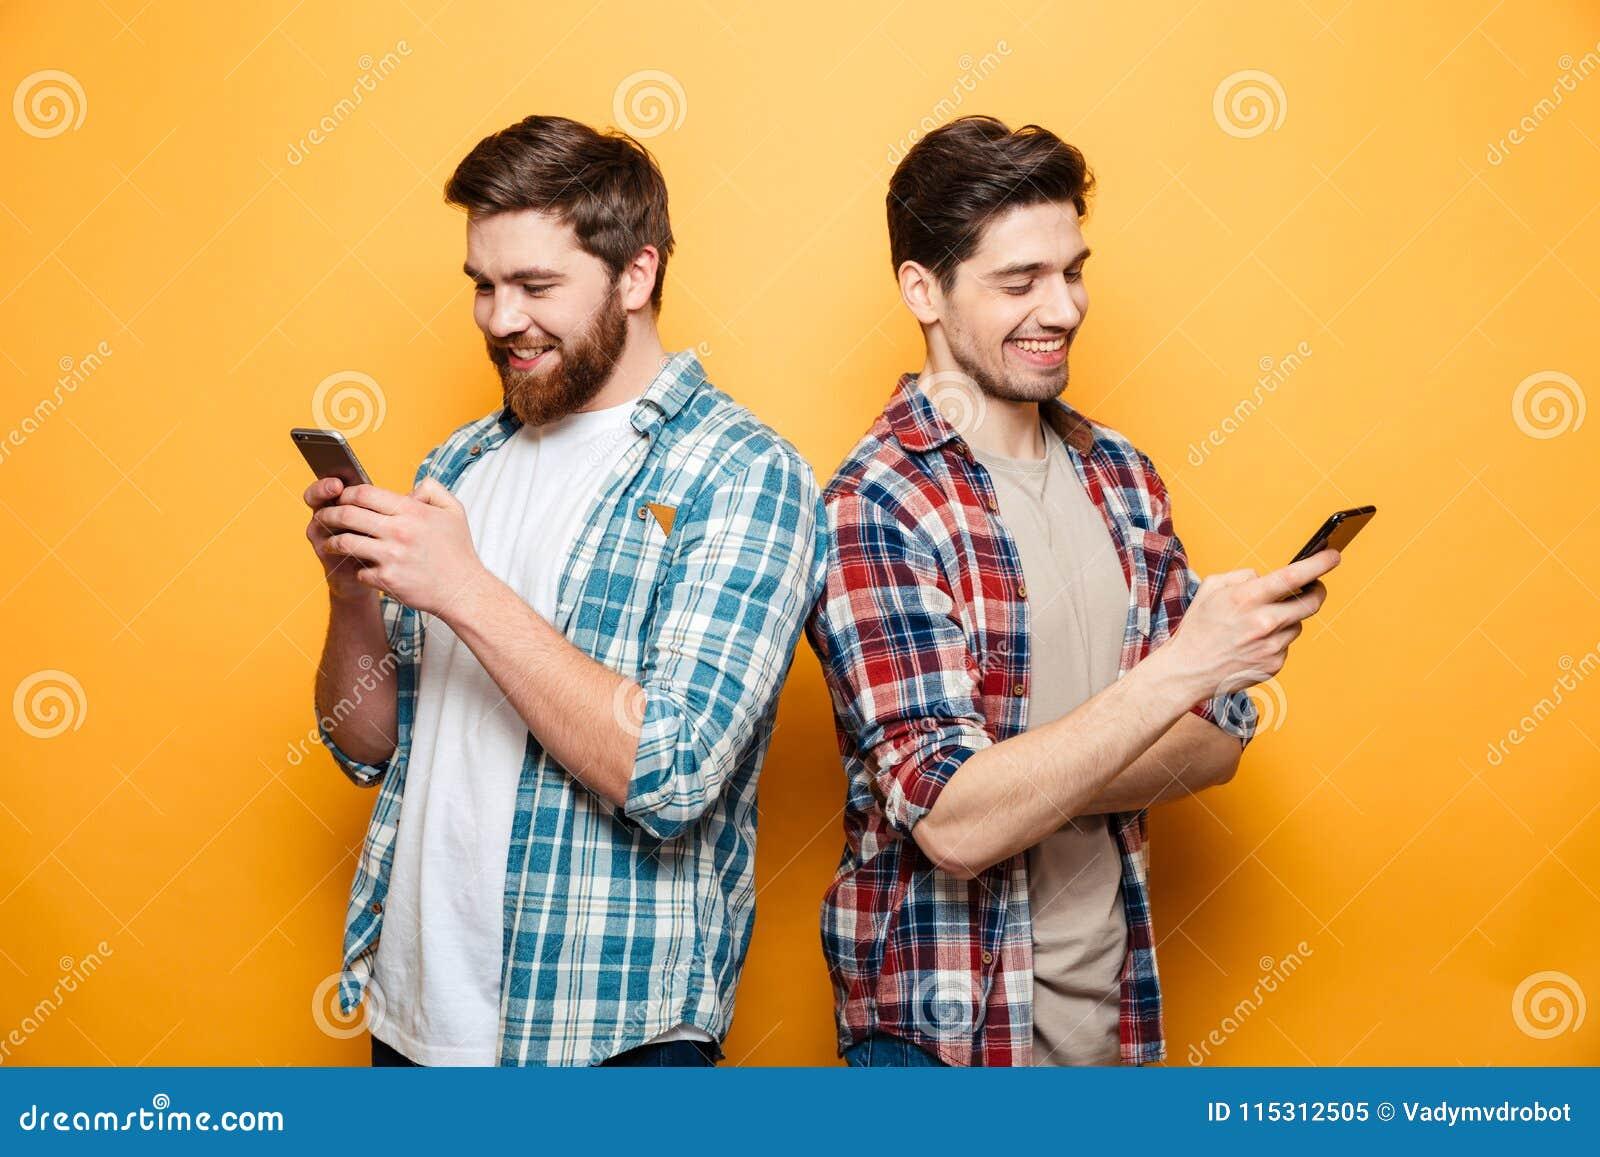 Porträt von zwei glückliche junge Männer, die Handys verwenden